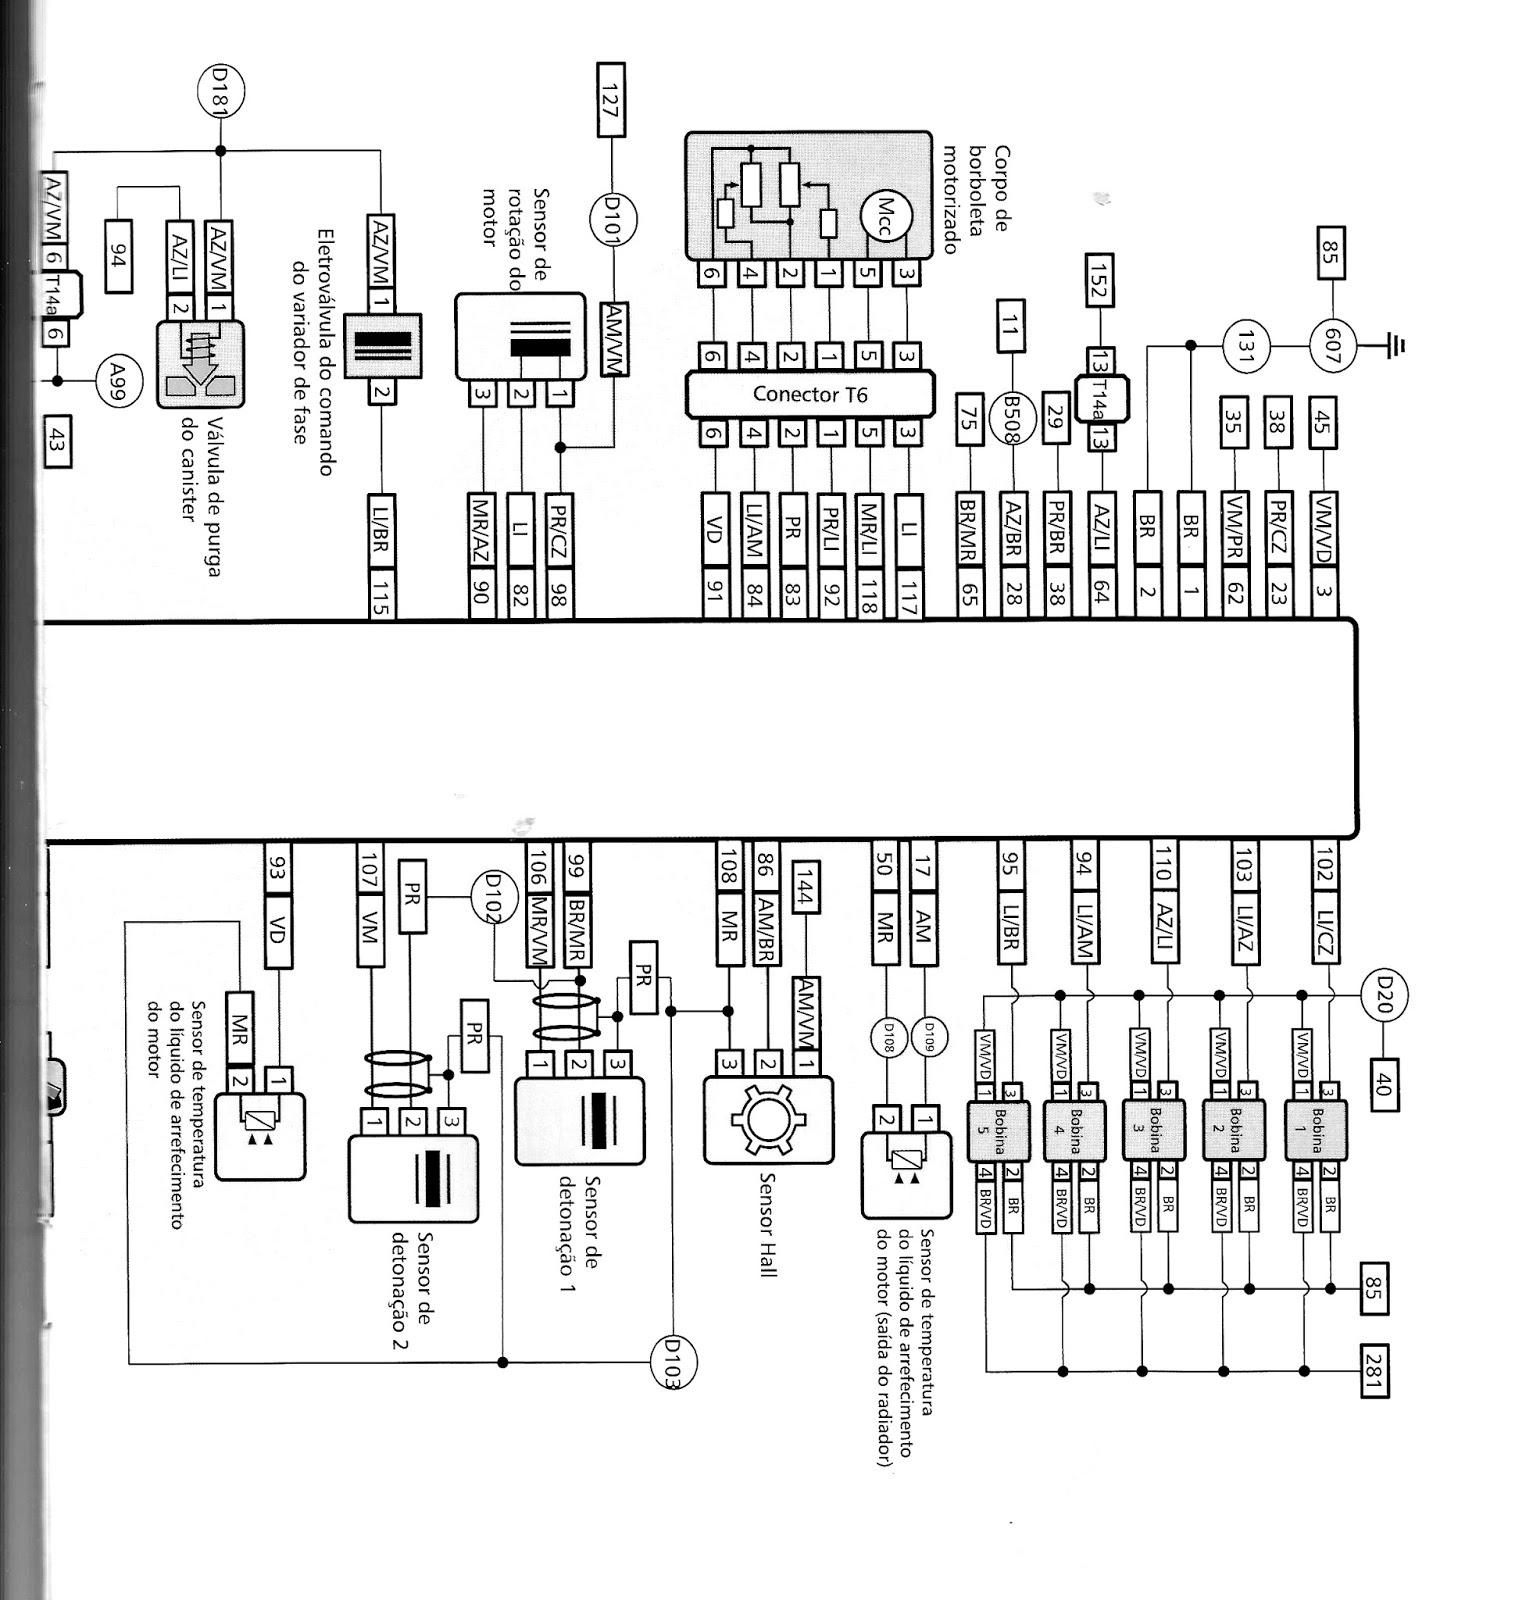 Epaul Garage Esquema Eletrico Do Vw Jetta 2 5 20v Ano